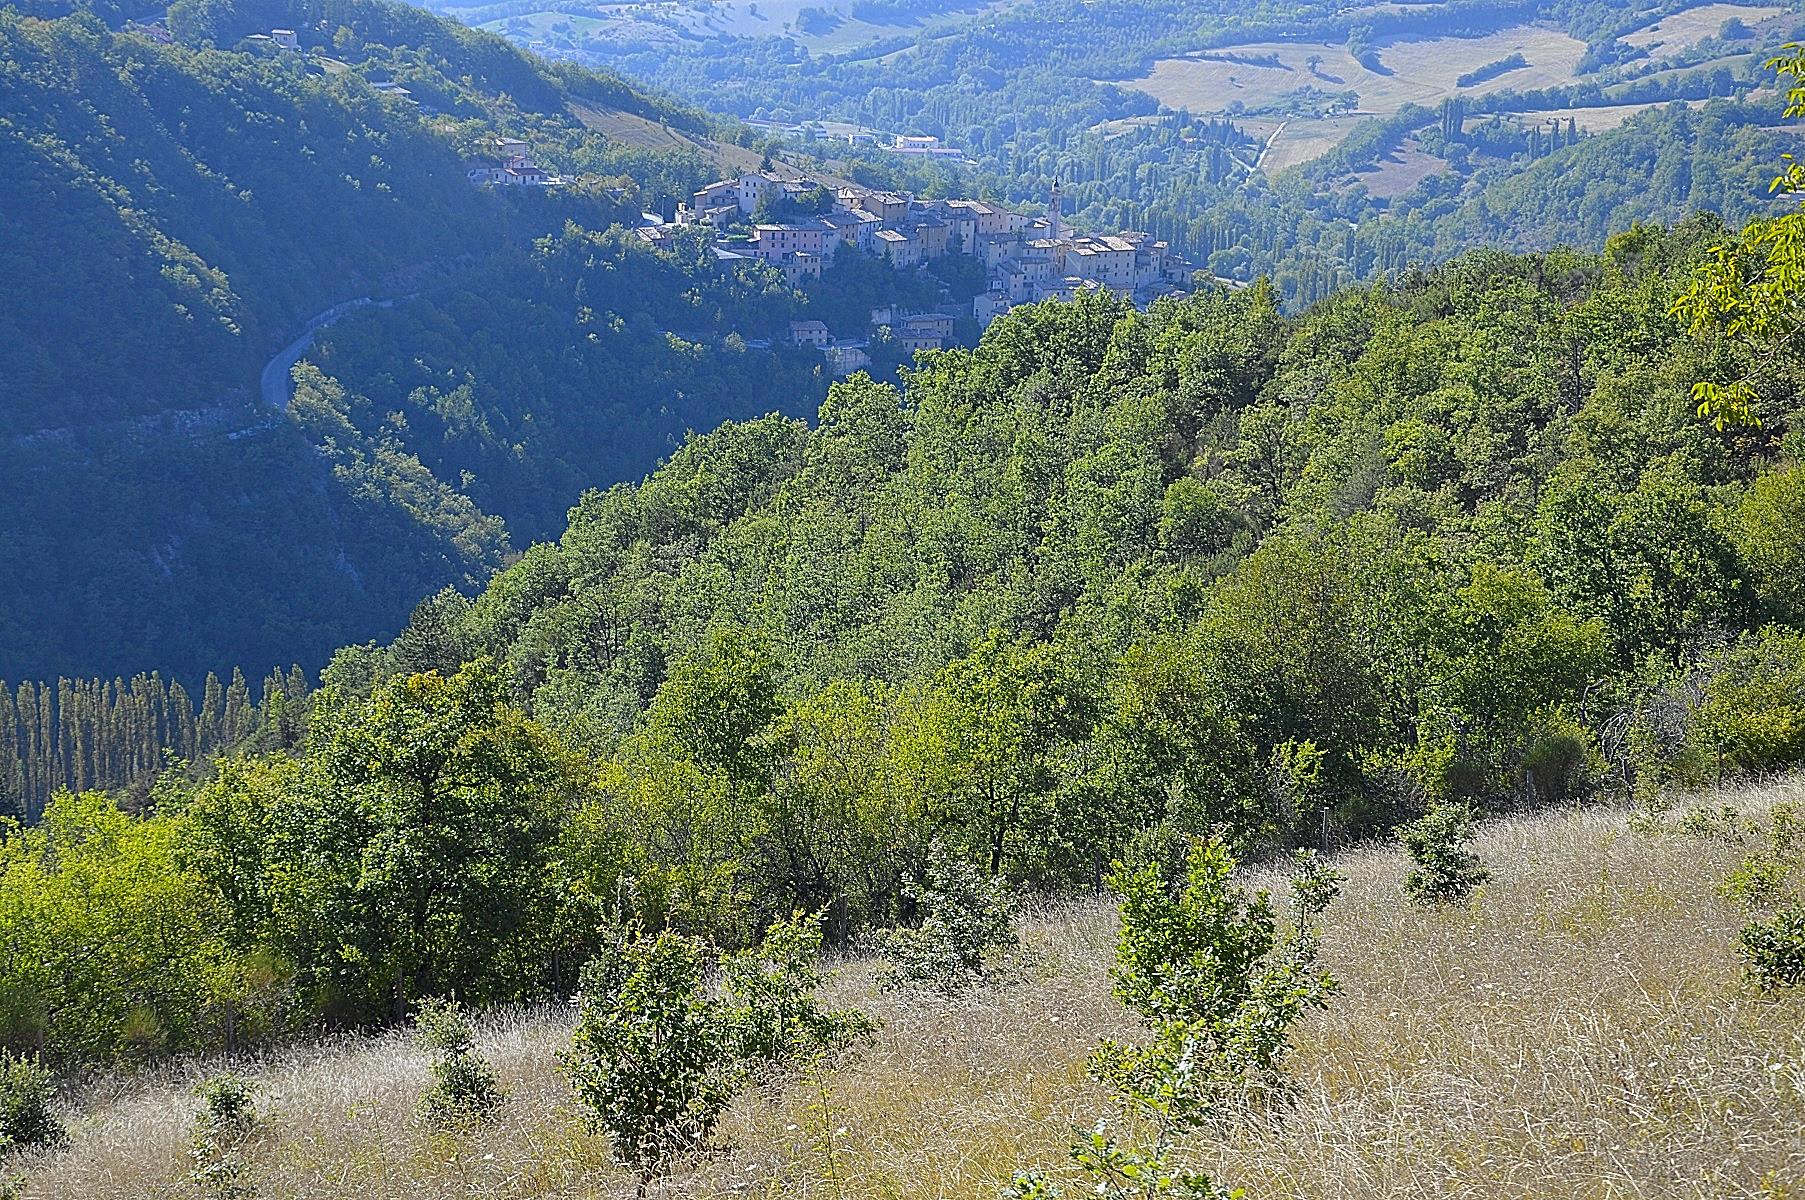 Terreno Agricolo in vendita a Preci, 9999 locali, zona Località: Preci-Centro, prezzo € 55.000 | Cambio Casa.it